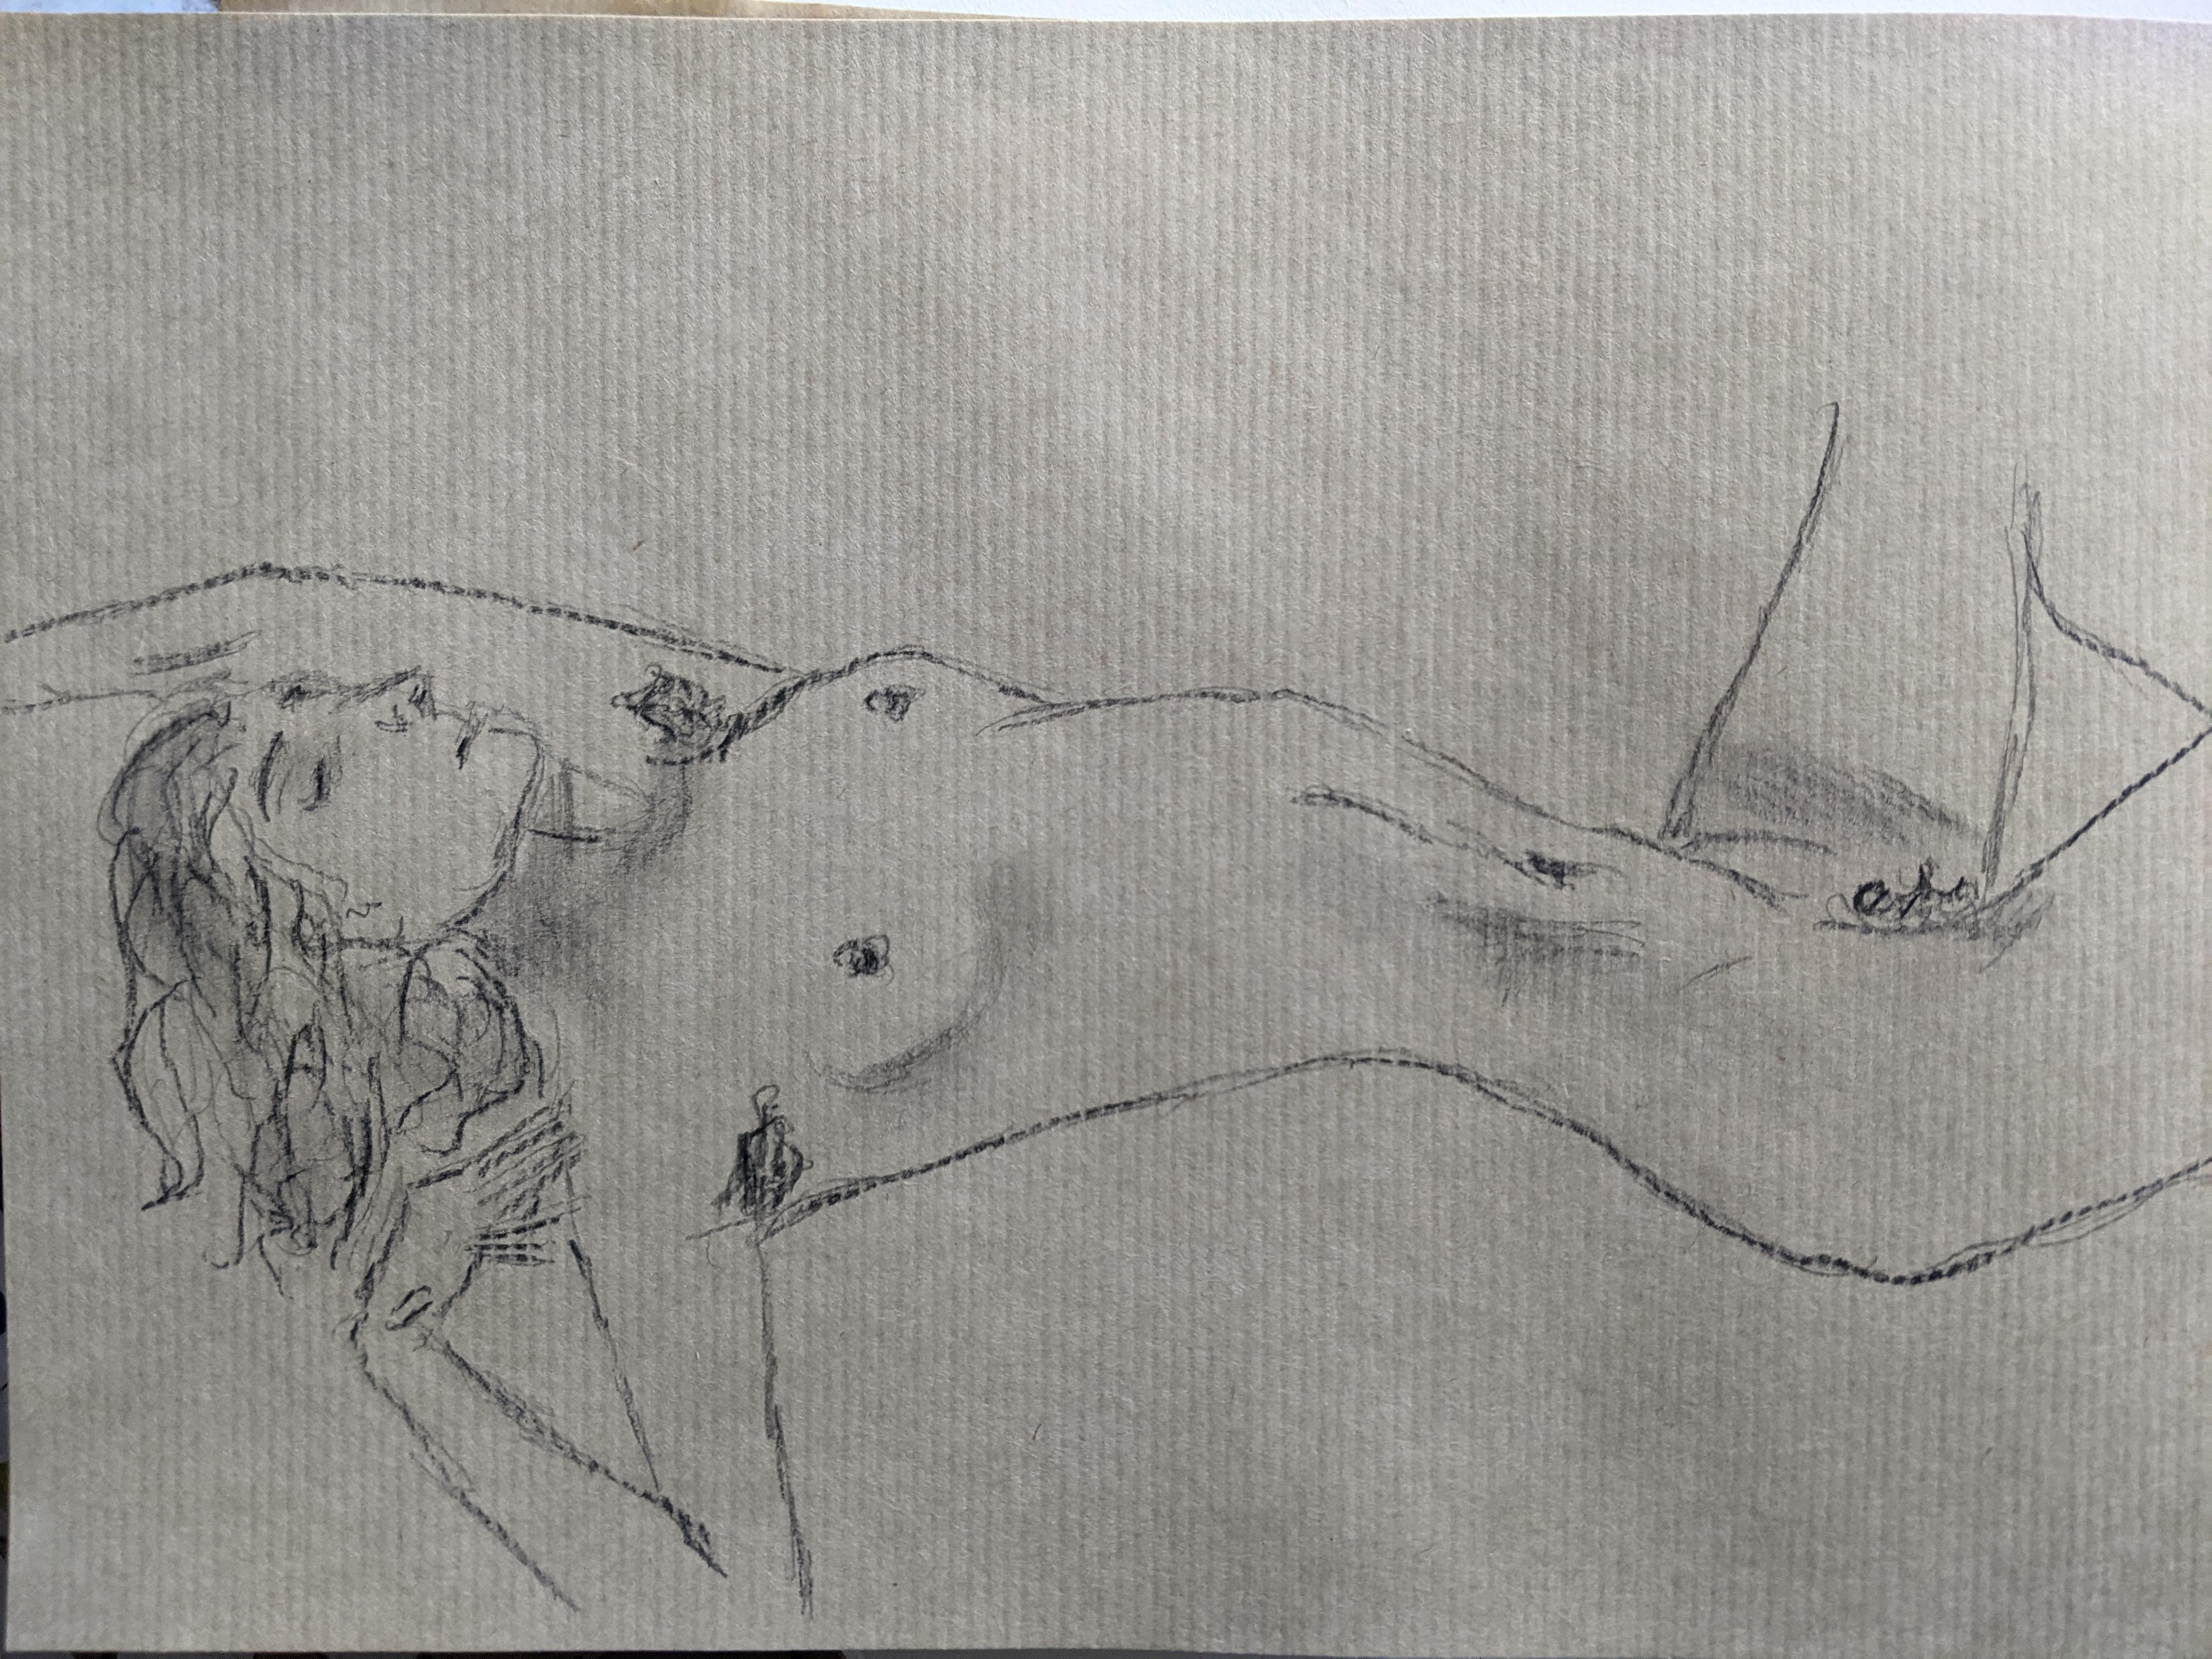 Dessin nu allong� femme portraits graphite sur papier Kraft  cours de dessin